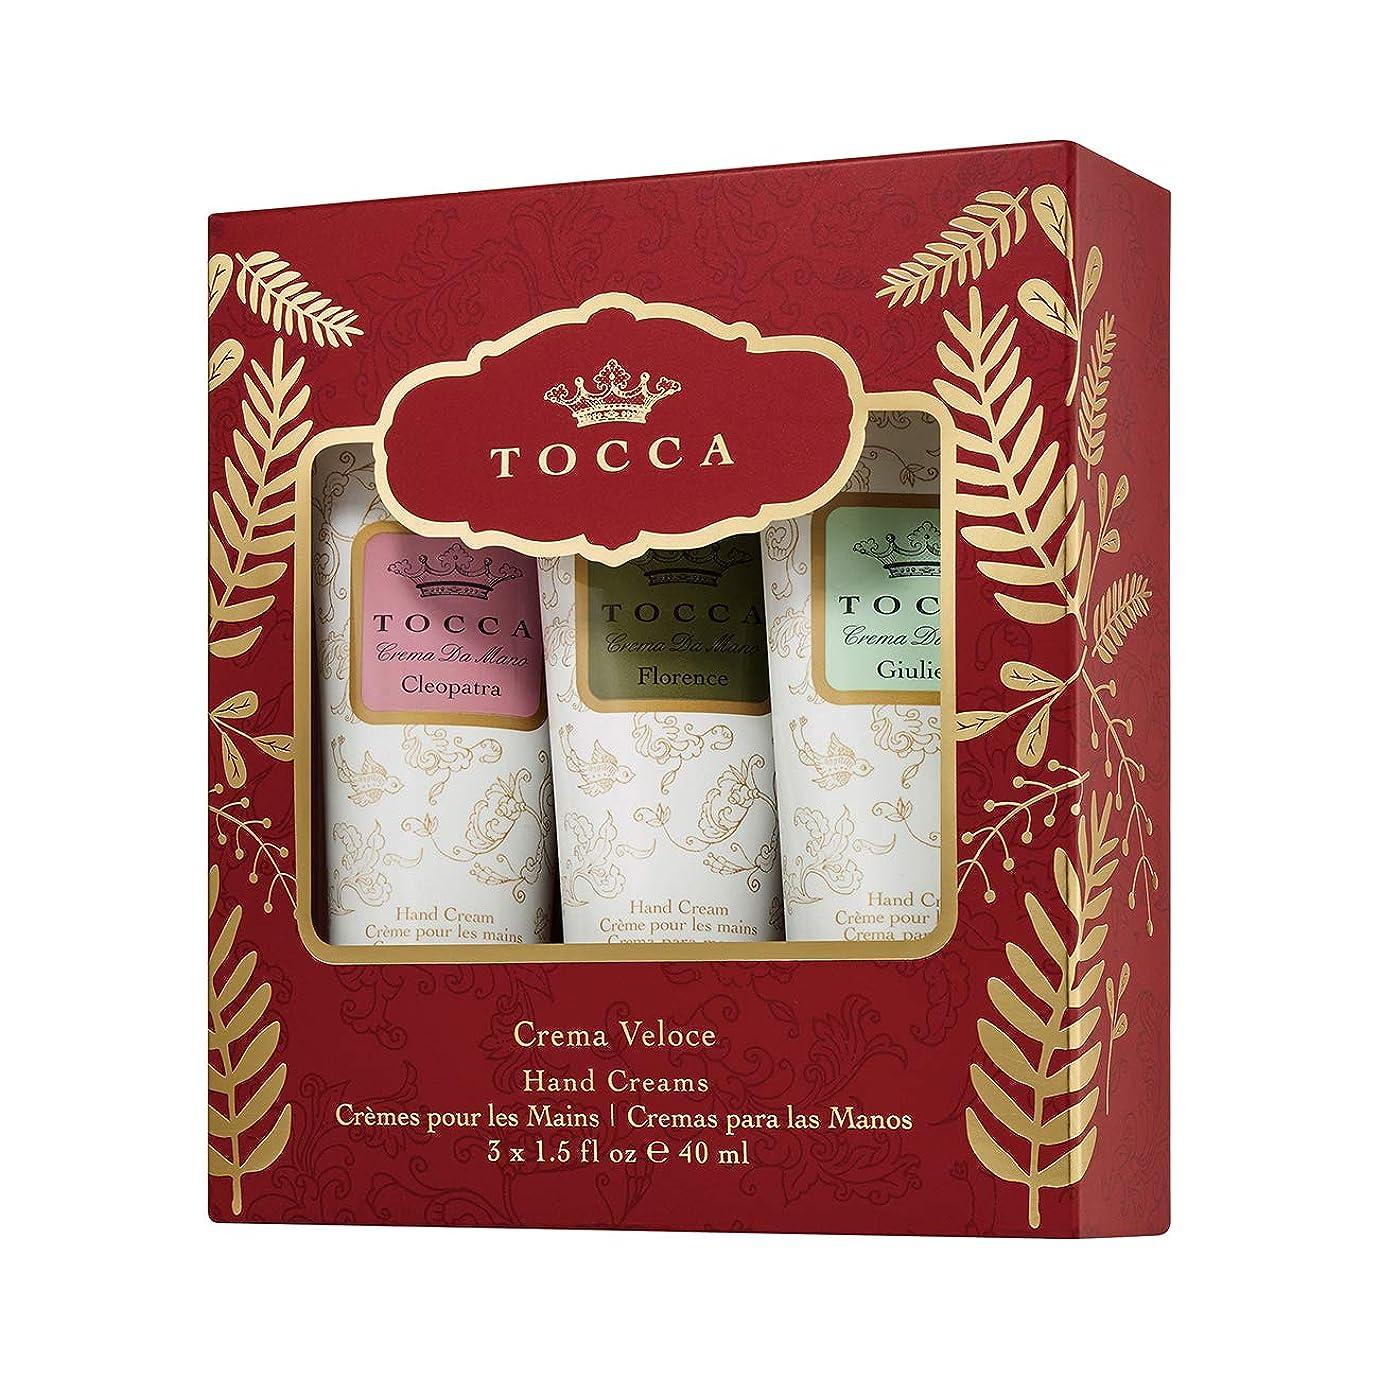 マンモス膨らませるミントTOCCA クレマヴェローチェパルマ ハンドクリーム3本入った贅沢な贈り物(手指保湿?小分けギフト)